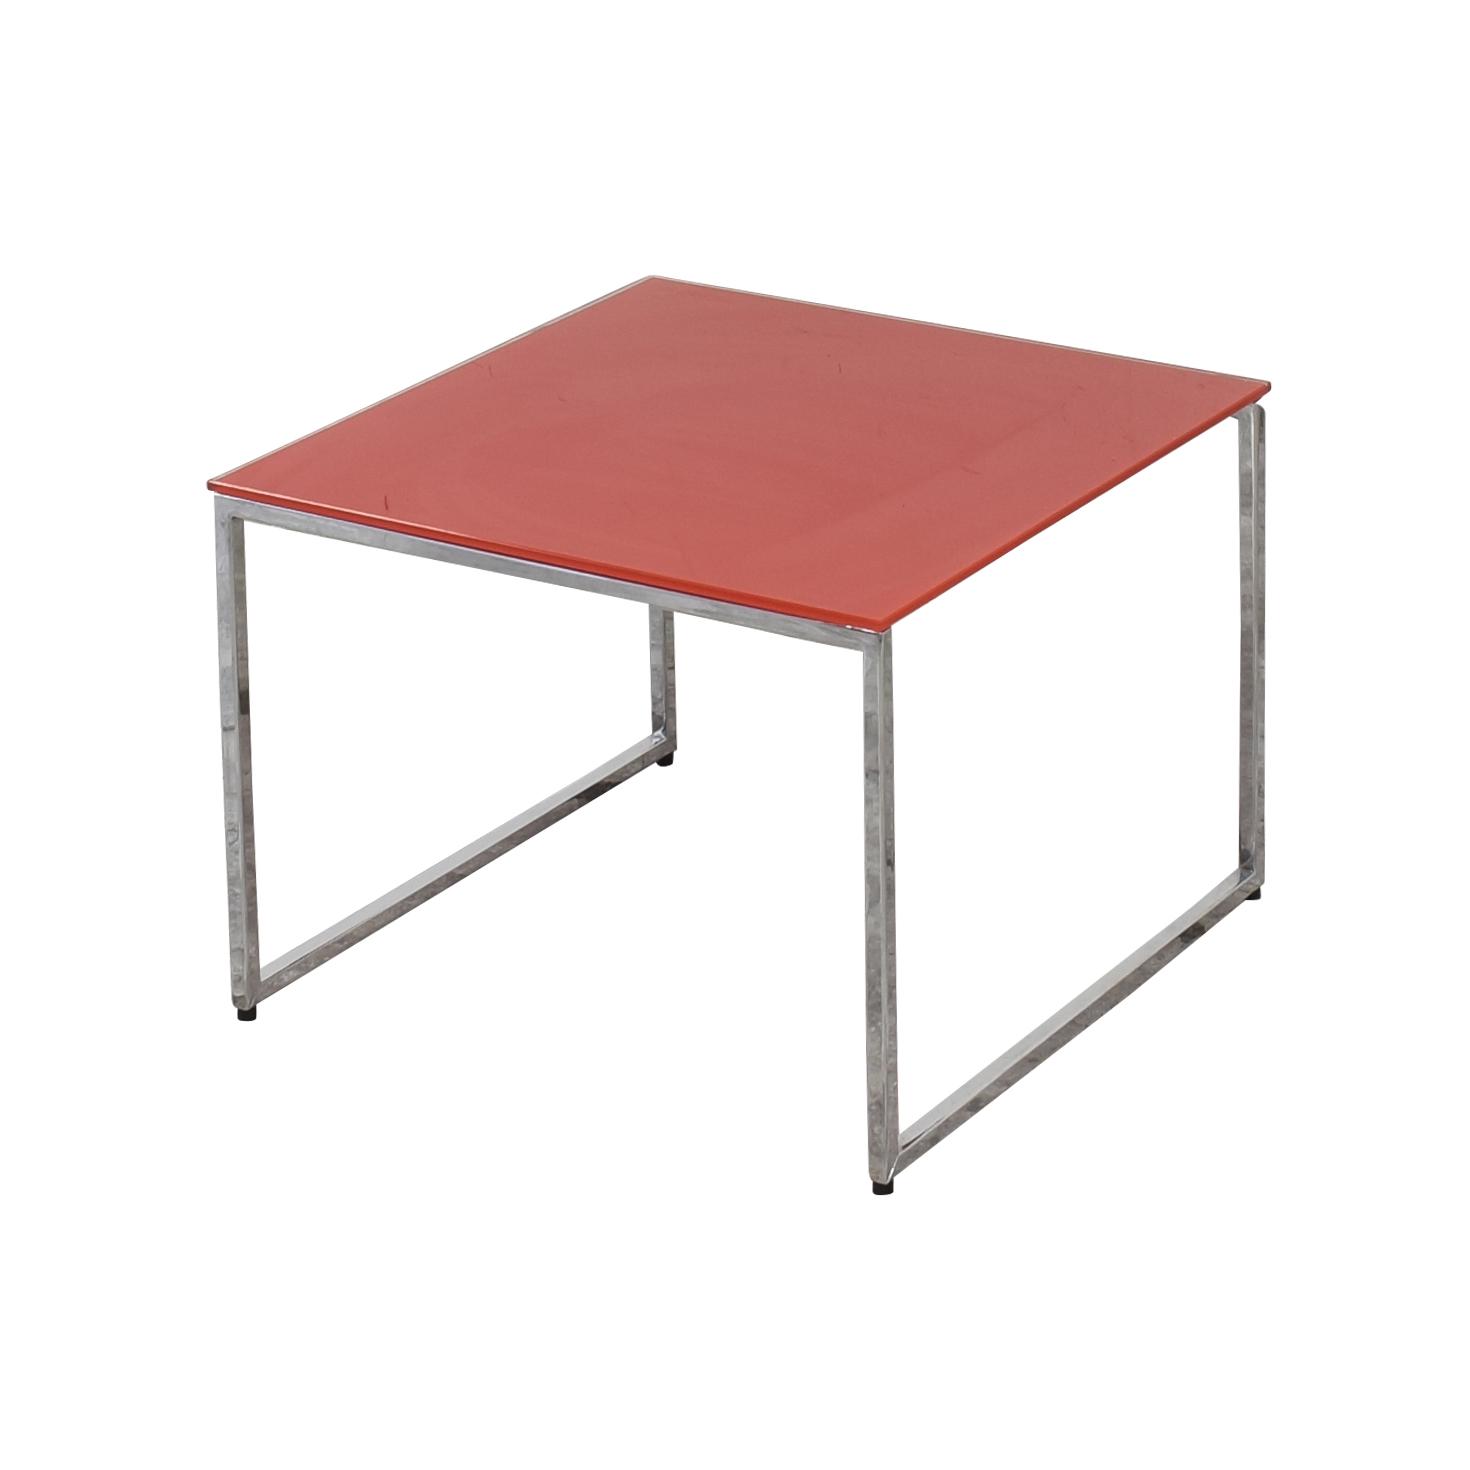 BoConcept BoConcept End Table discount